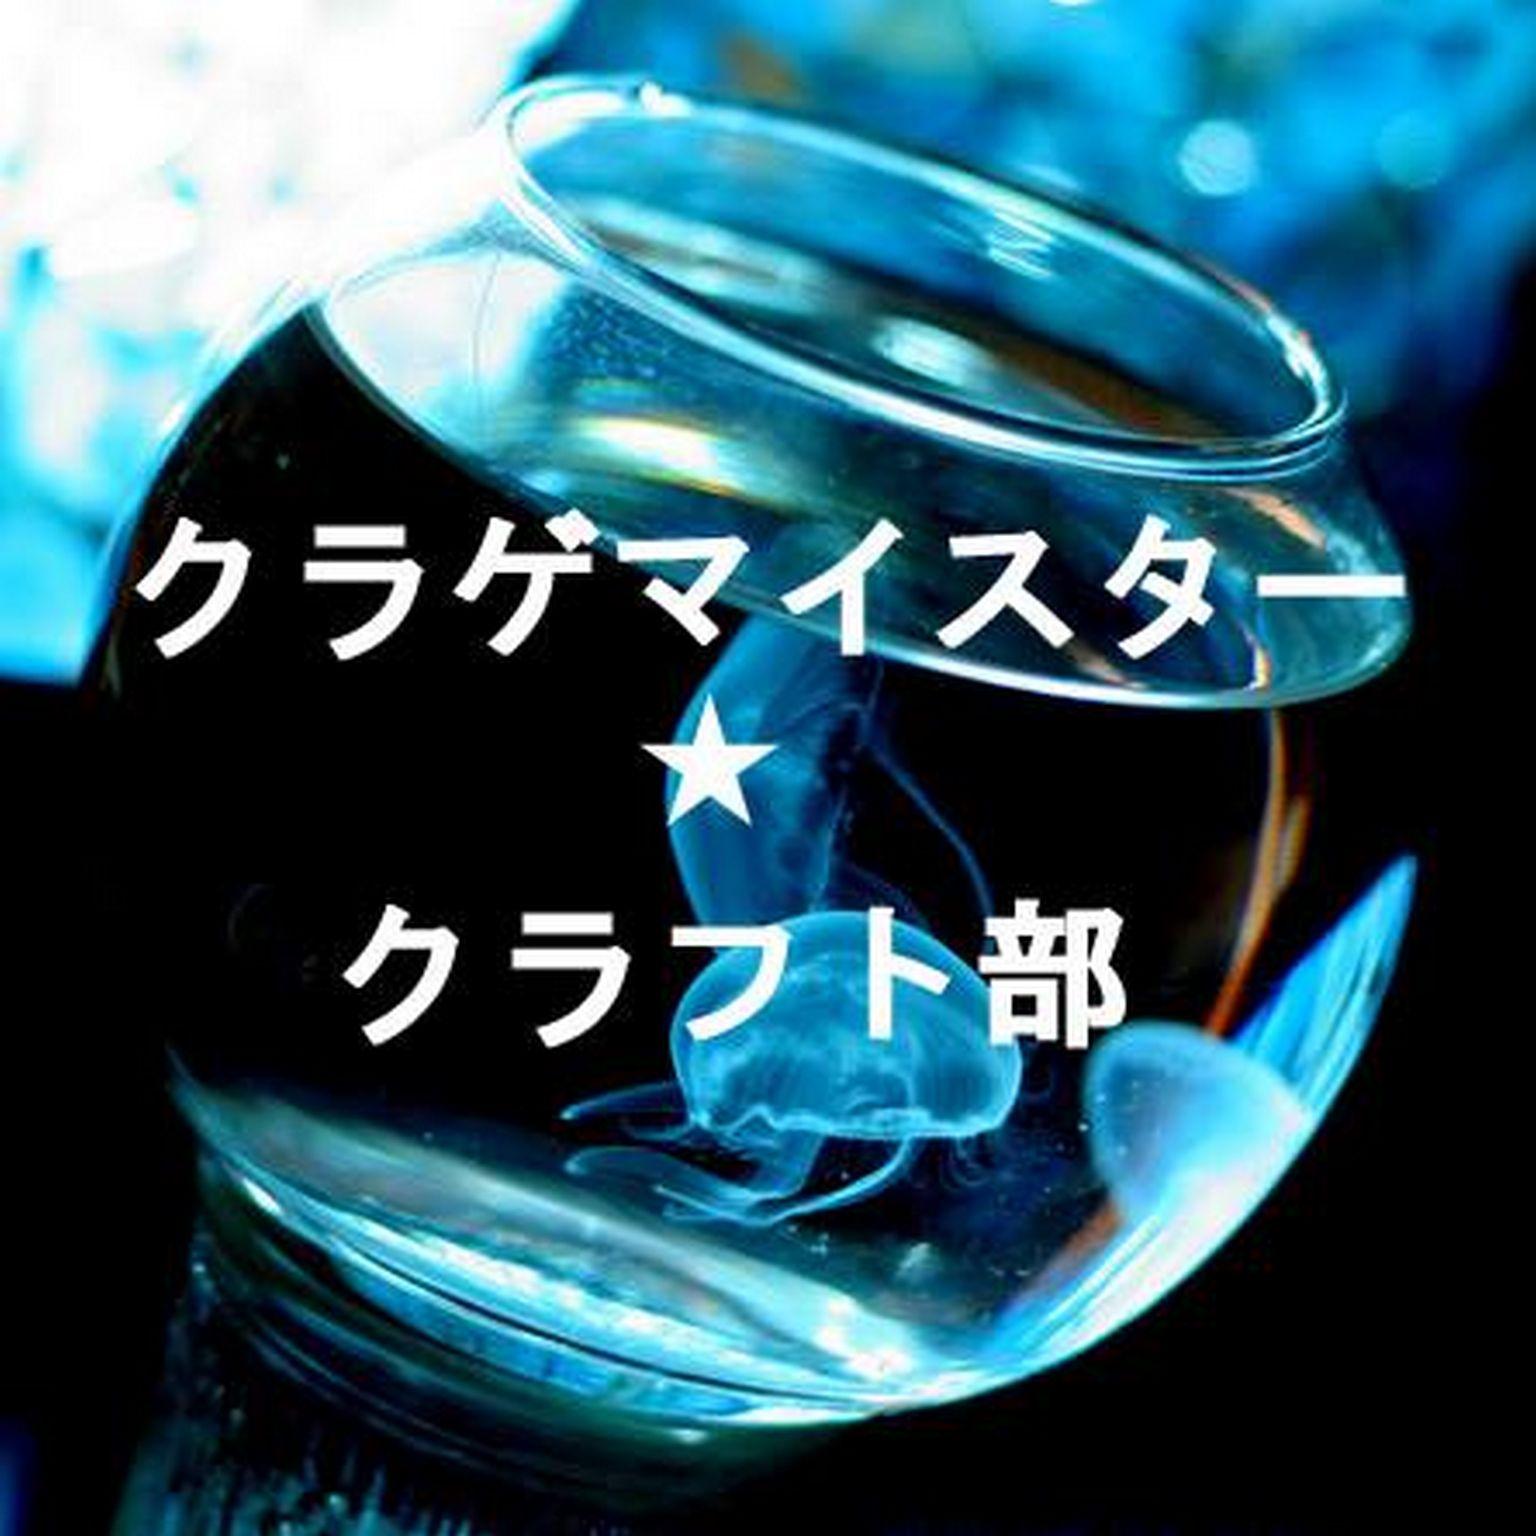 2019_クラゲマイスター★クラフト部_logo